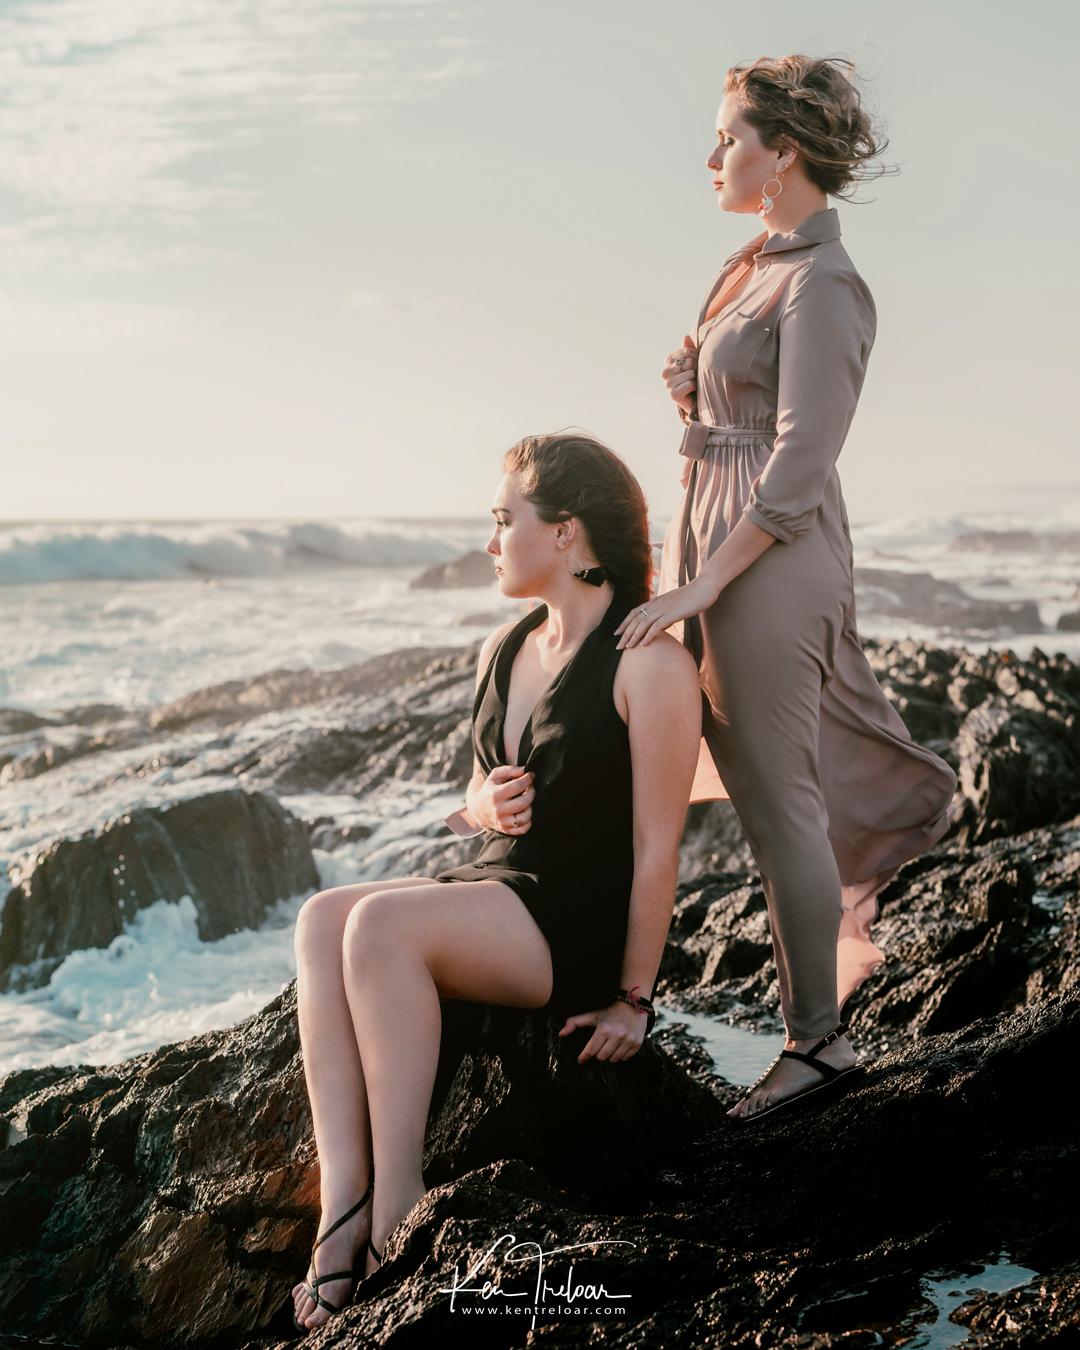 Ken Treloar Photography - Styles Best Friends photoshoot Cape Town-18.jpg